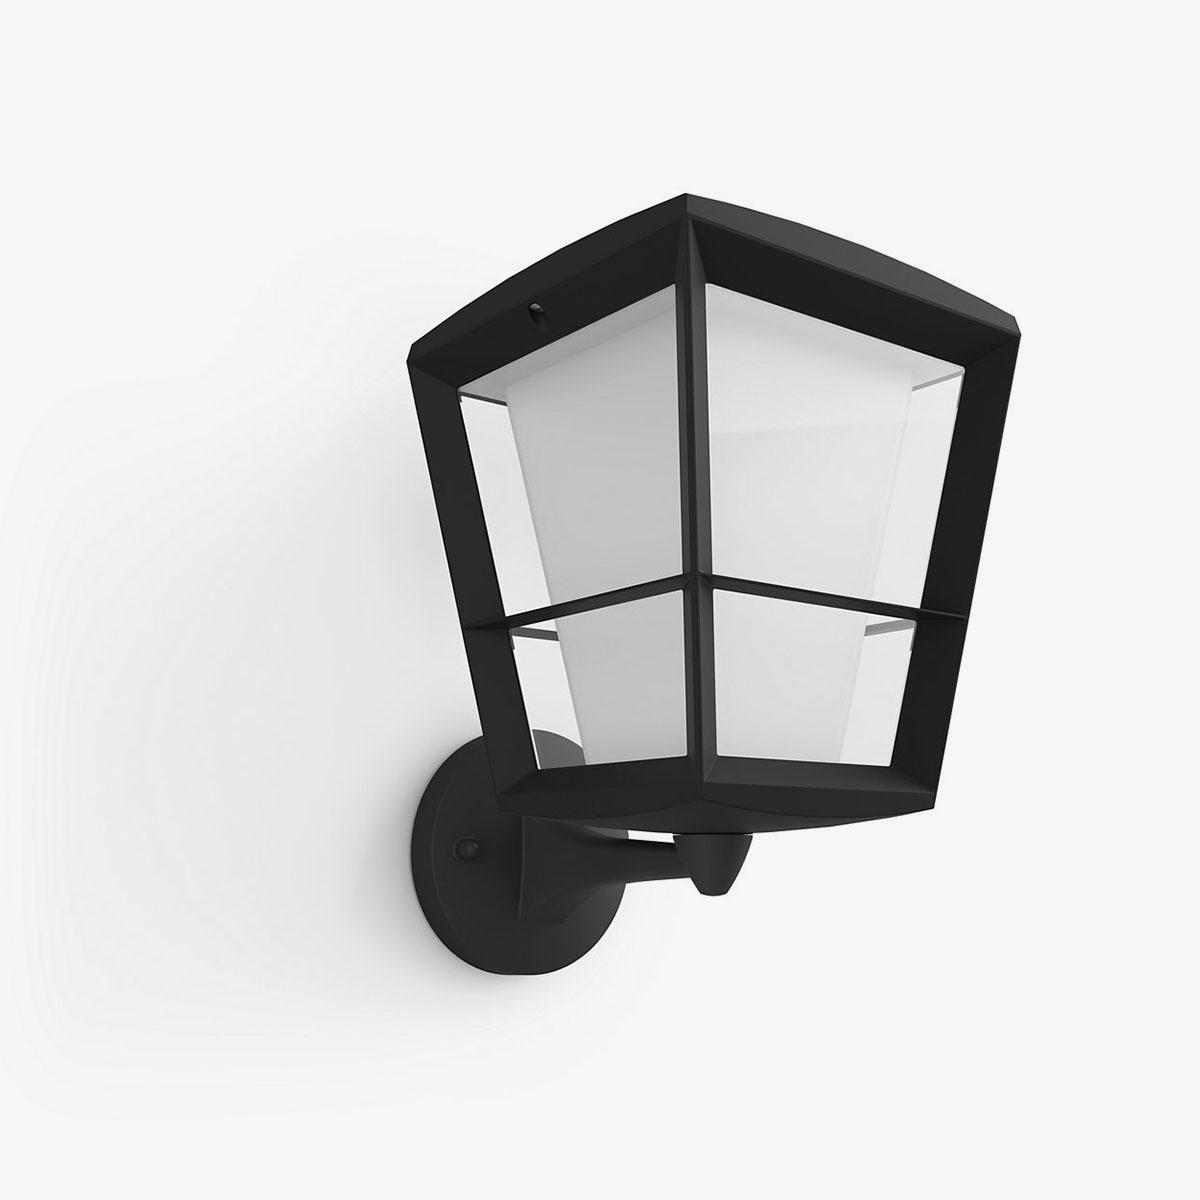 Philips Hue Econic aplique de pared exterior negro-0